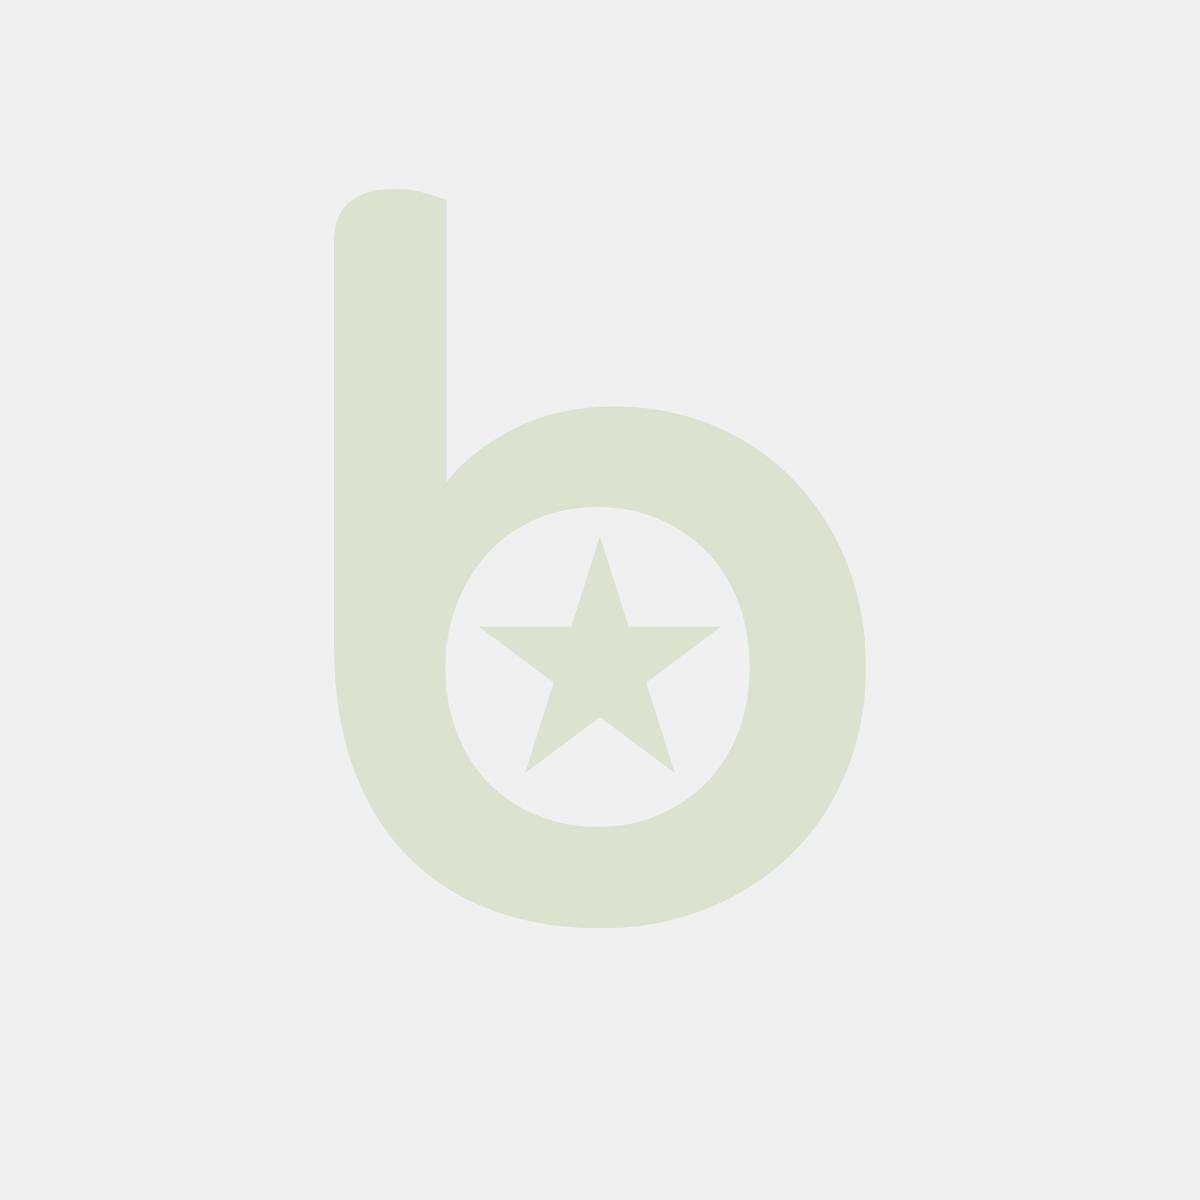 Worek do szprycowania 30cm KITCHEN LINE - Kod produktu 550120